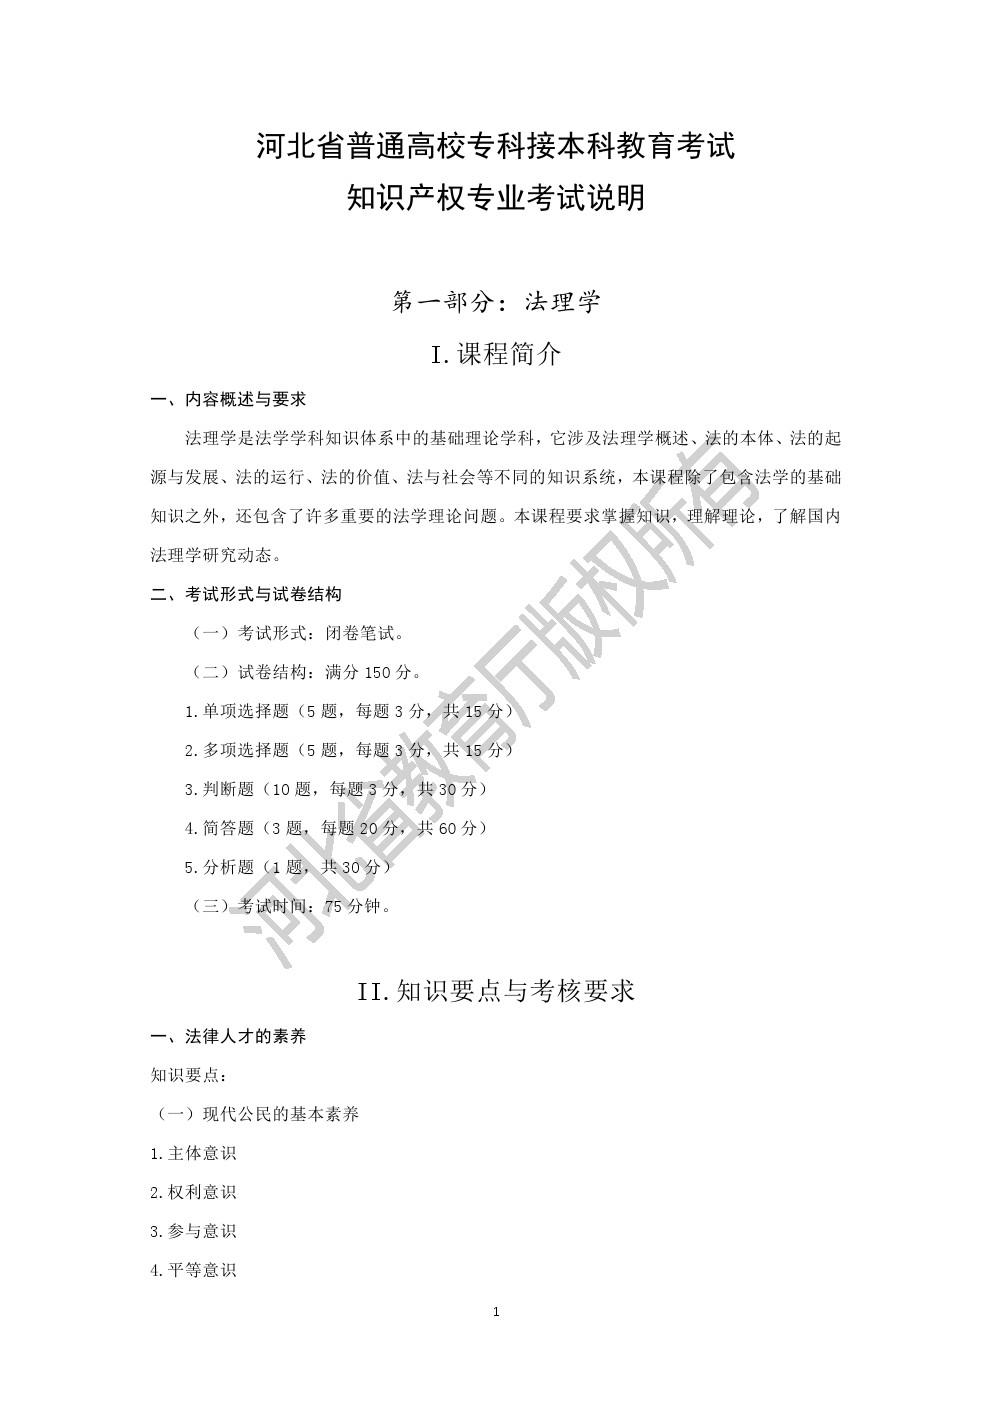 2020年河北省专接本考试理工类-知识产权专业考试说明(法理学、民法学)